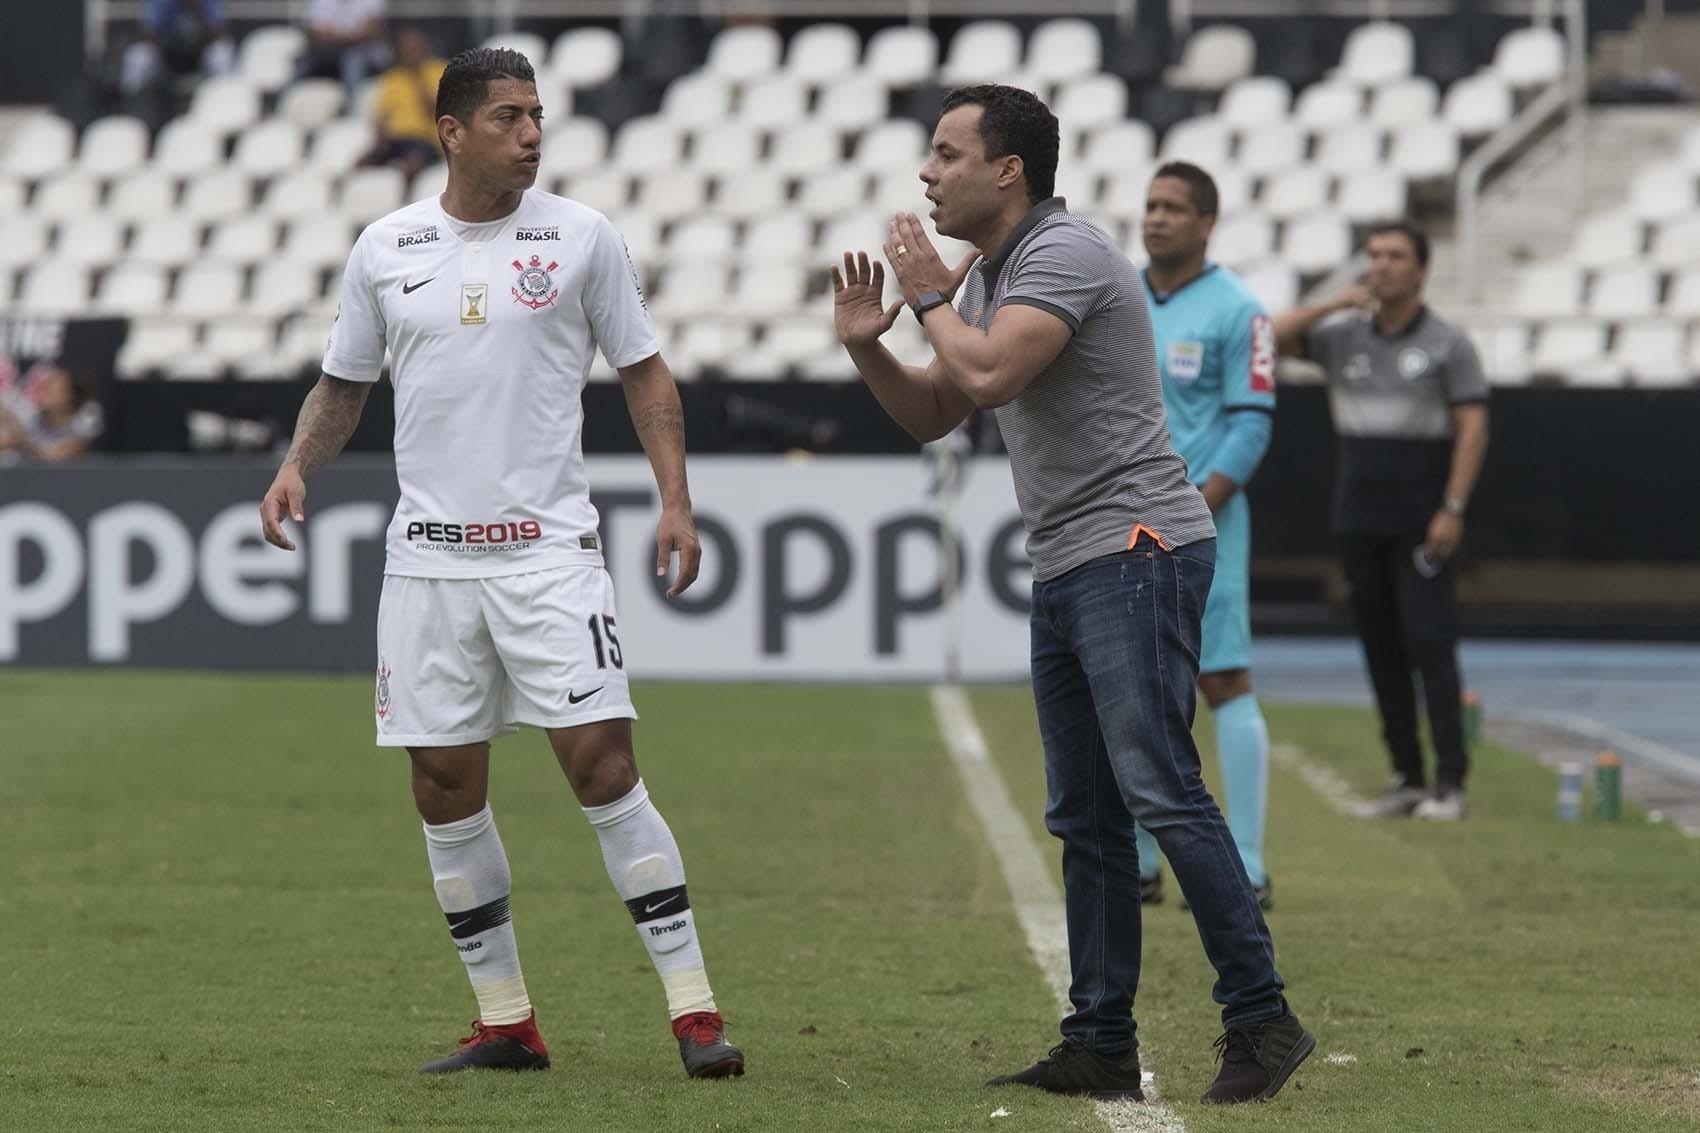 Corinthians flerta com campanha do rebaixamento após 25ª derrota em 2018 -  05 11 2018 - UOL Esporte 95b94ab4c62c3